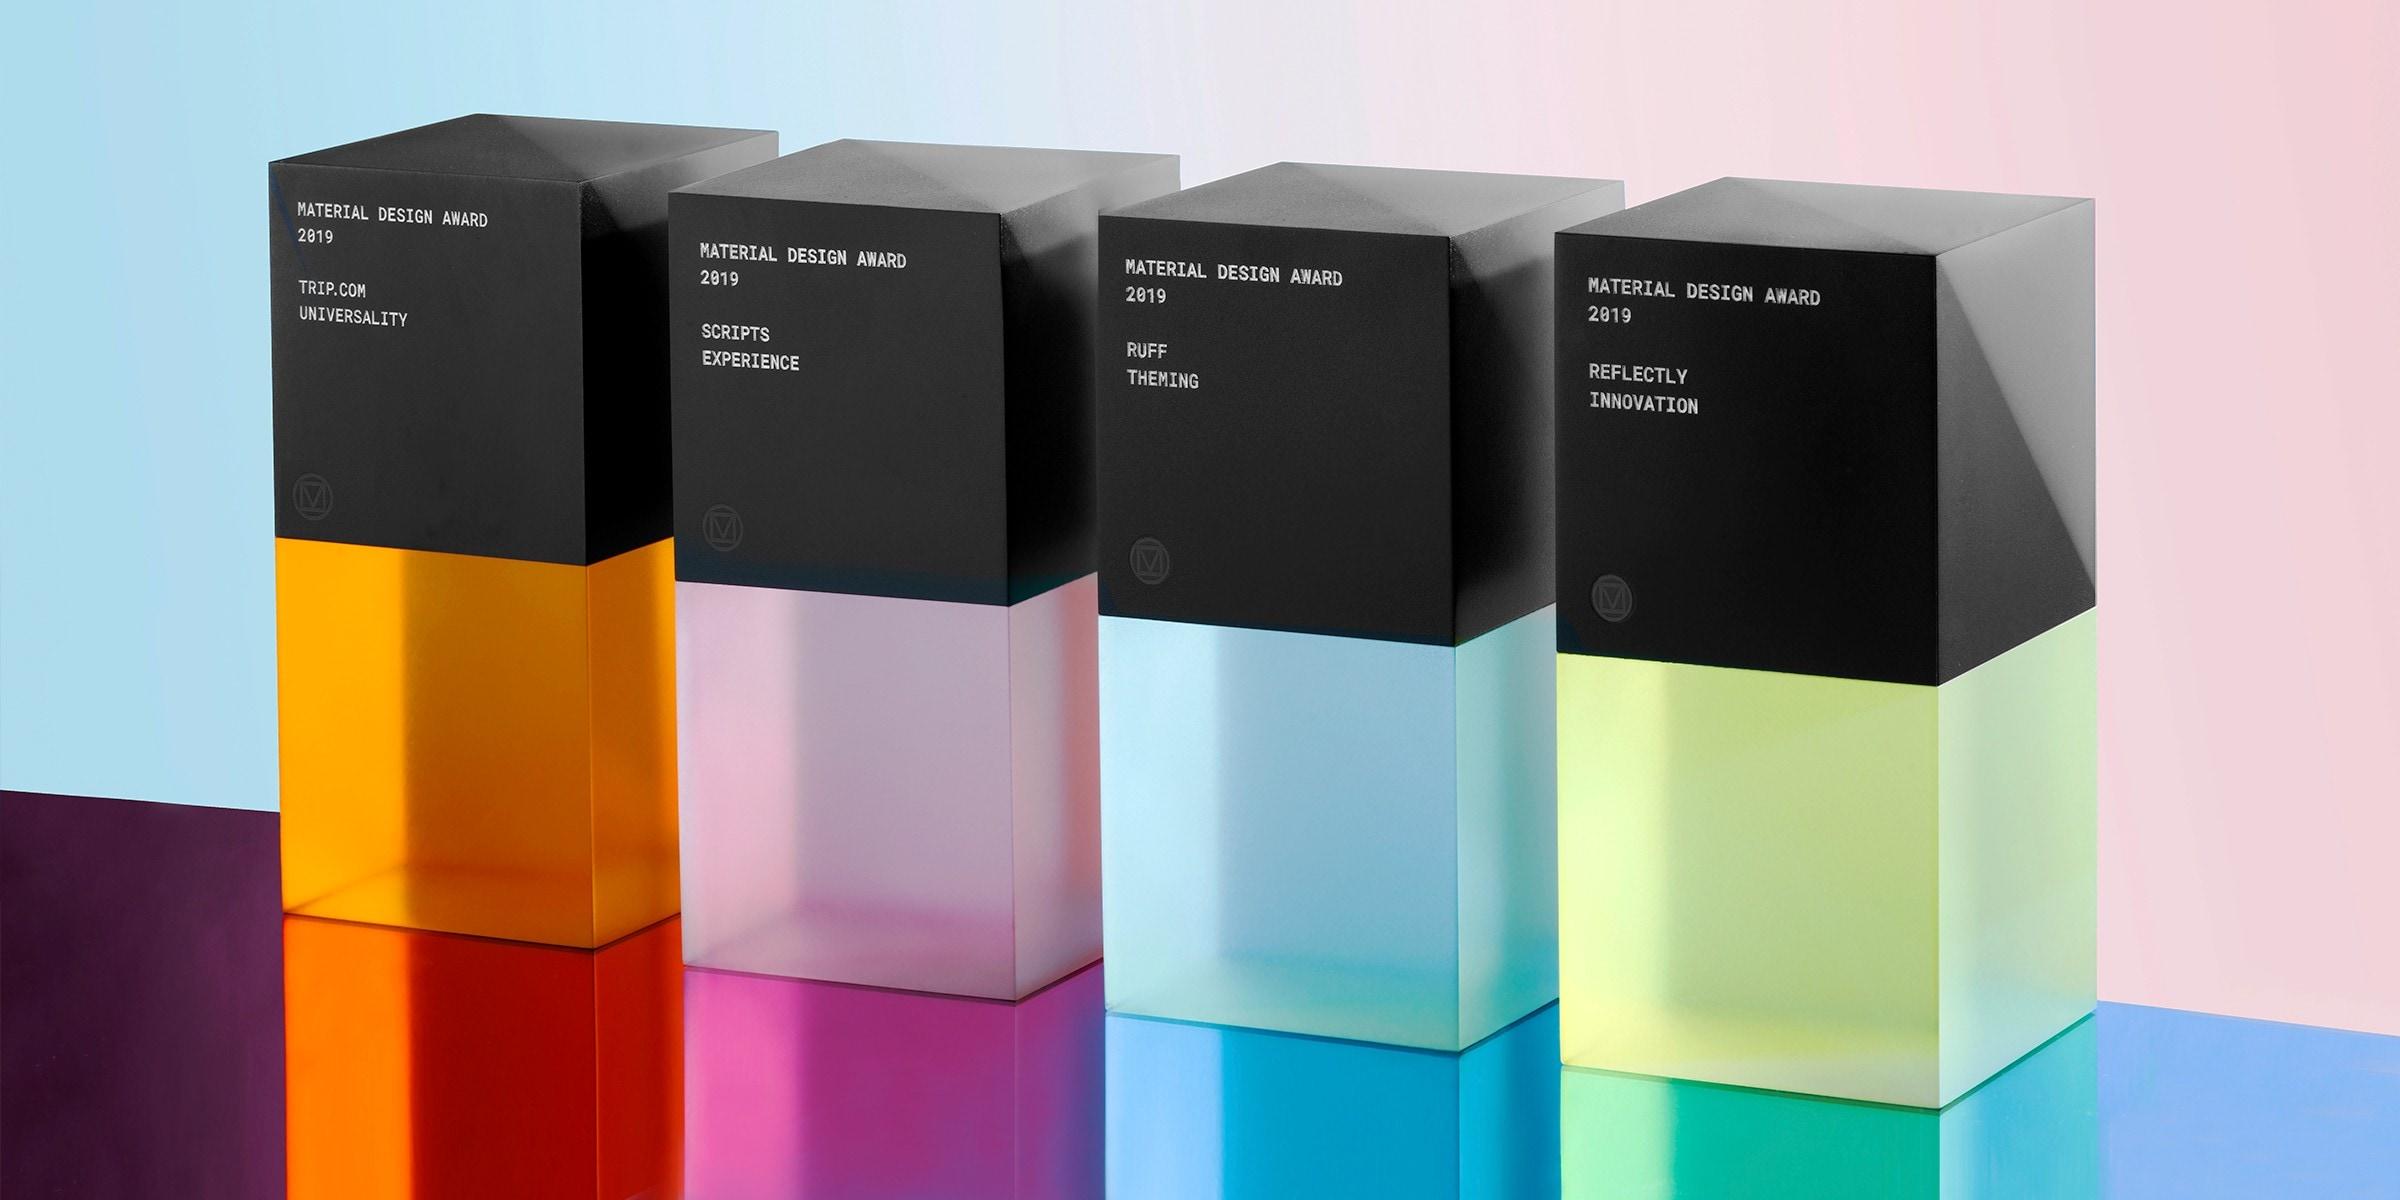 Google premia le migliori app, ecco i quattro vincitori dei Material Design Award 2019